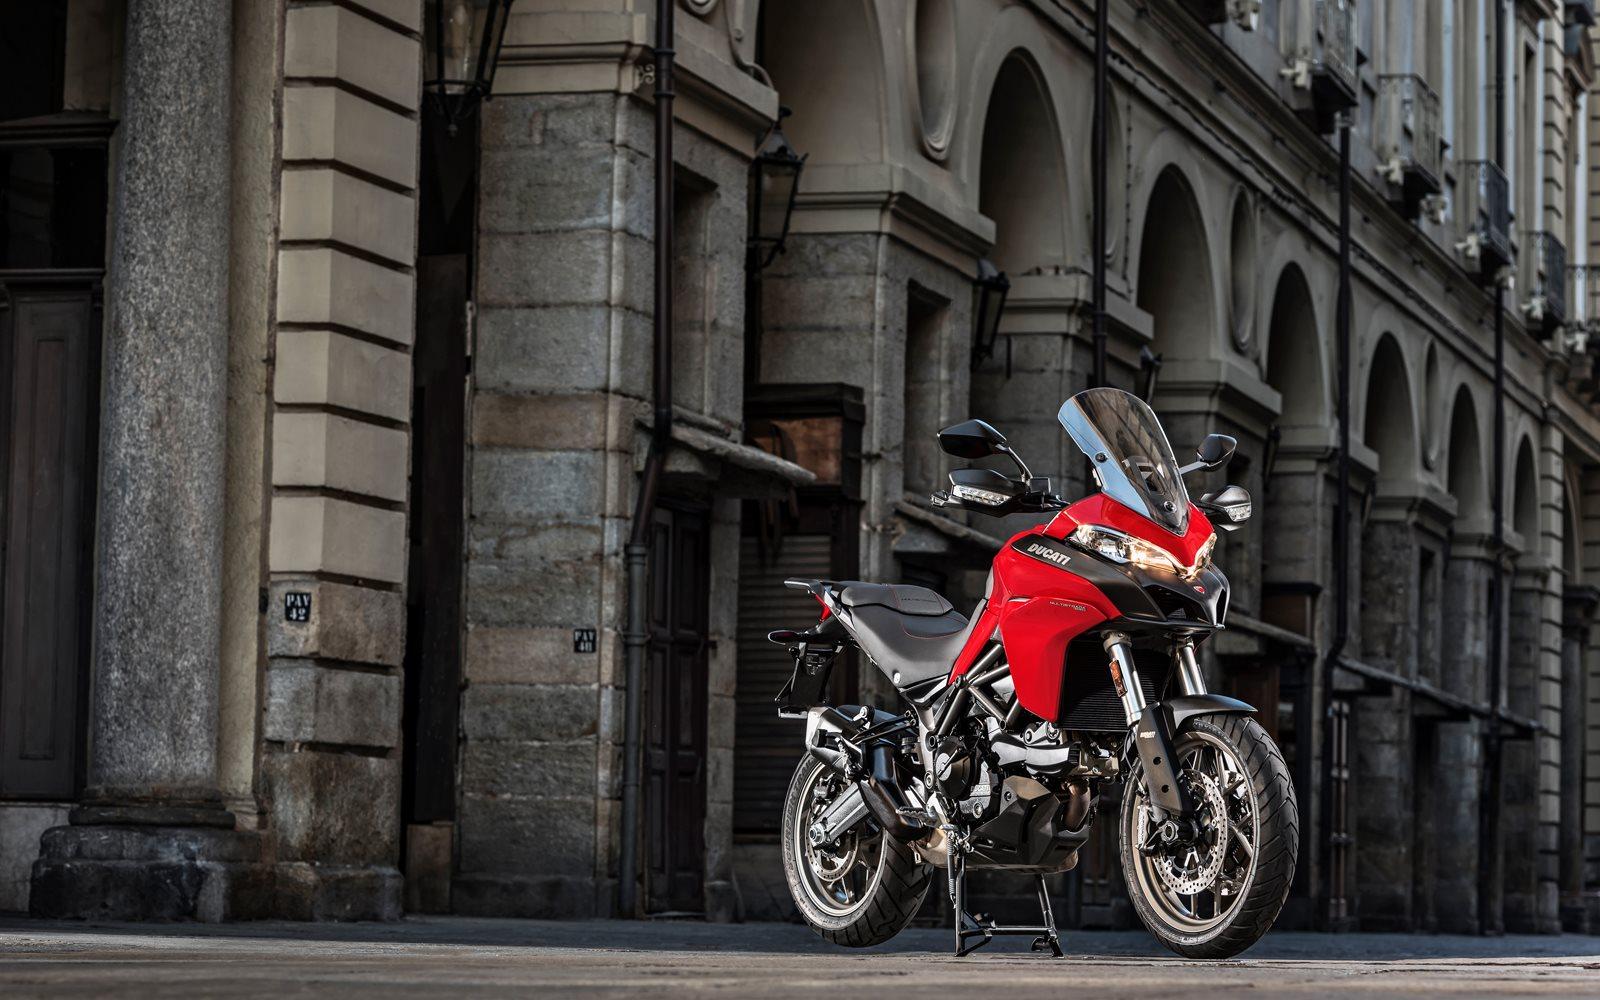 La financiación triple opción de Ducati Financial Services que además te puede regalar el mantenimiento programado de tu Ducati. <br>La cambio, me la quedo o la devuelvo.